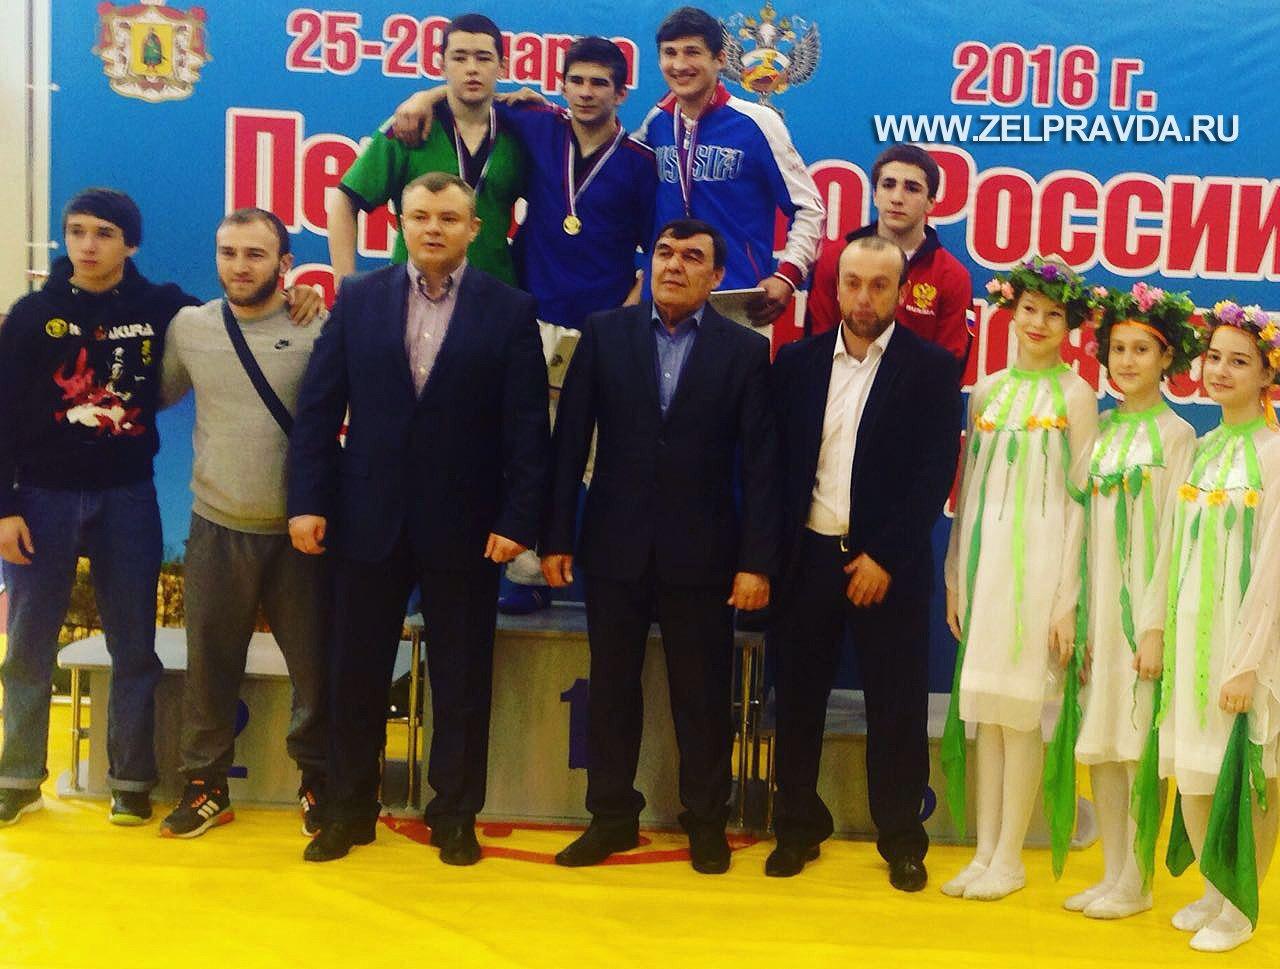 Борцы из Зеленчукского района стали призерами Первенства России